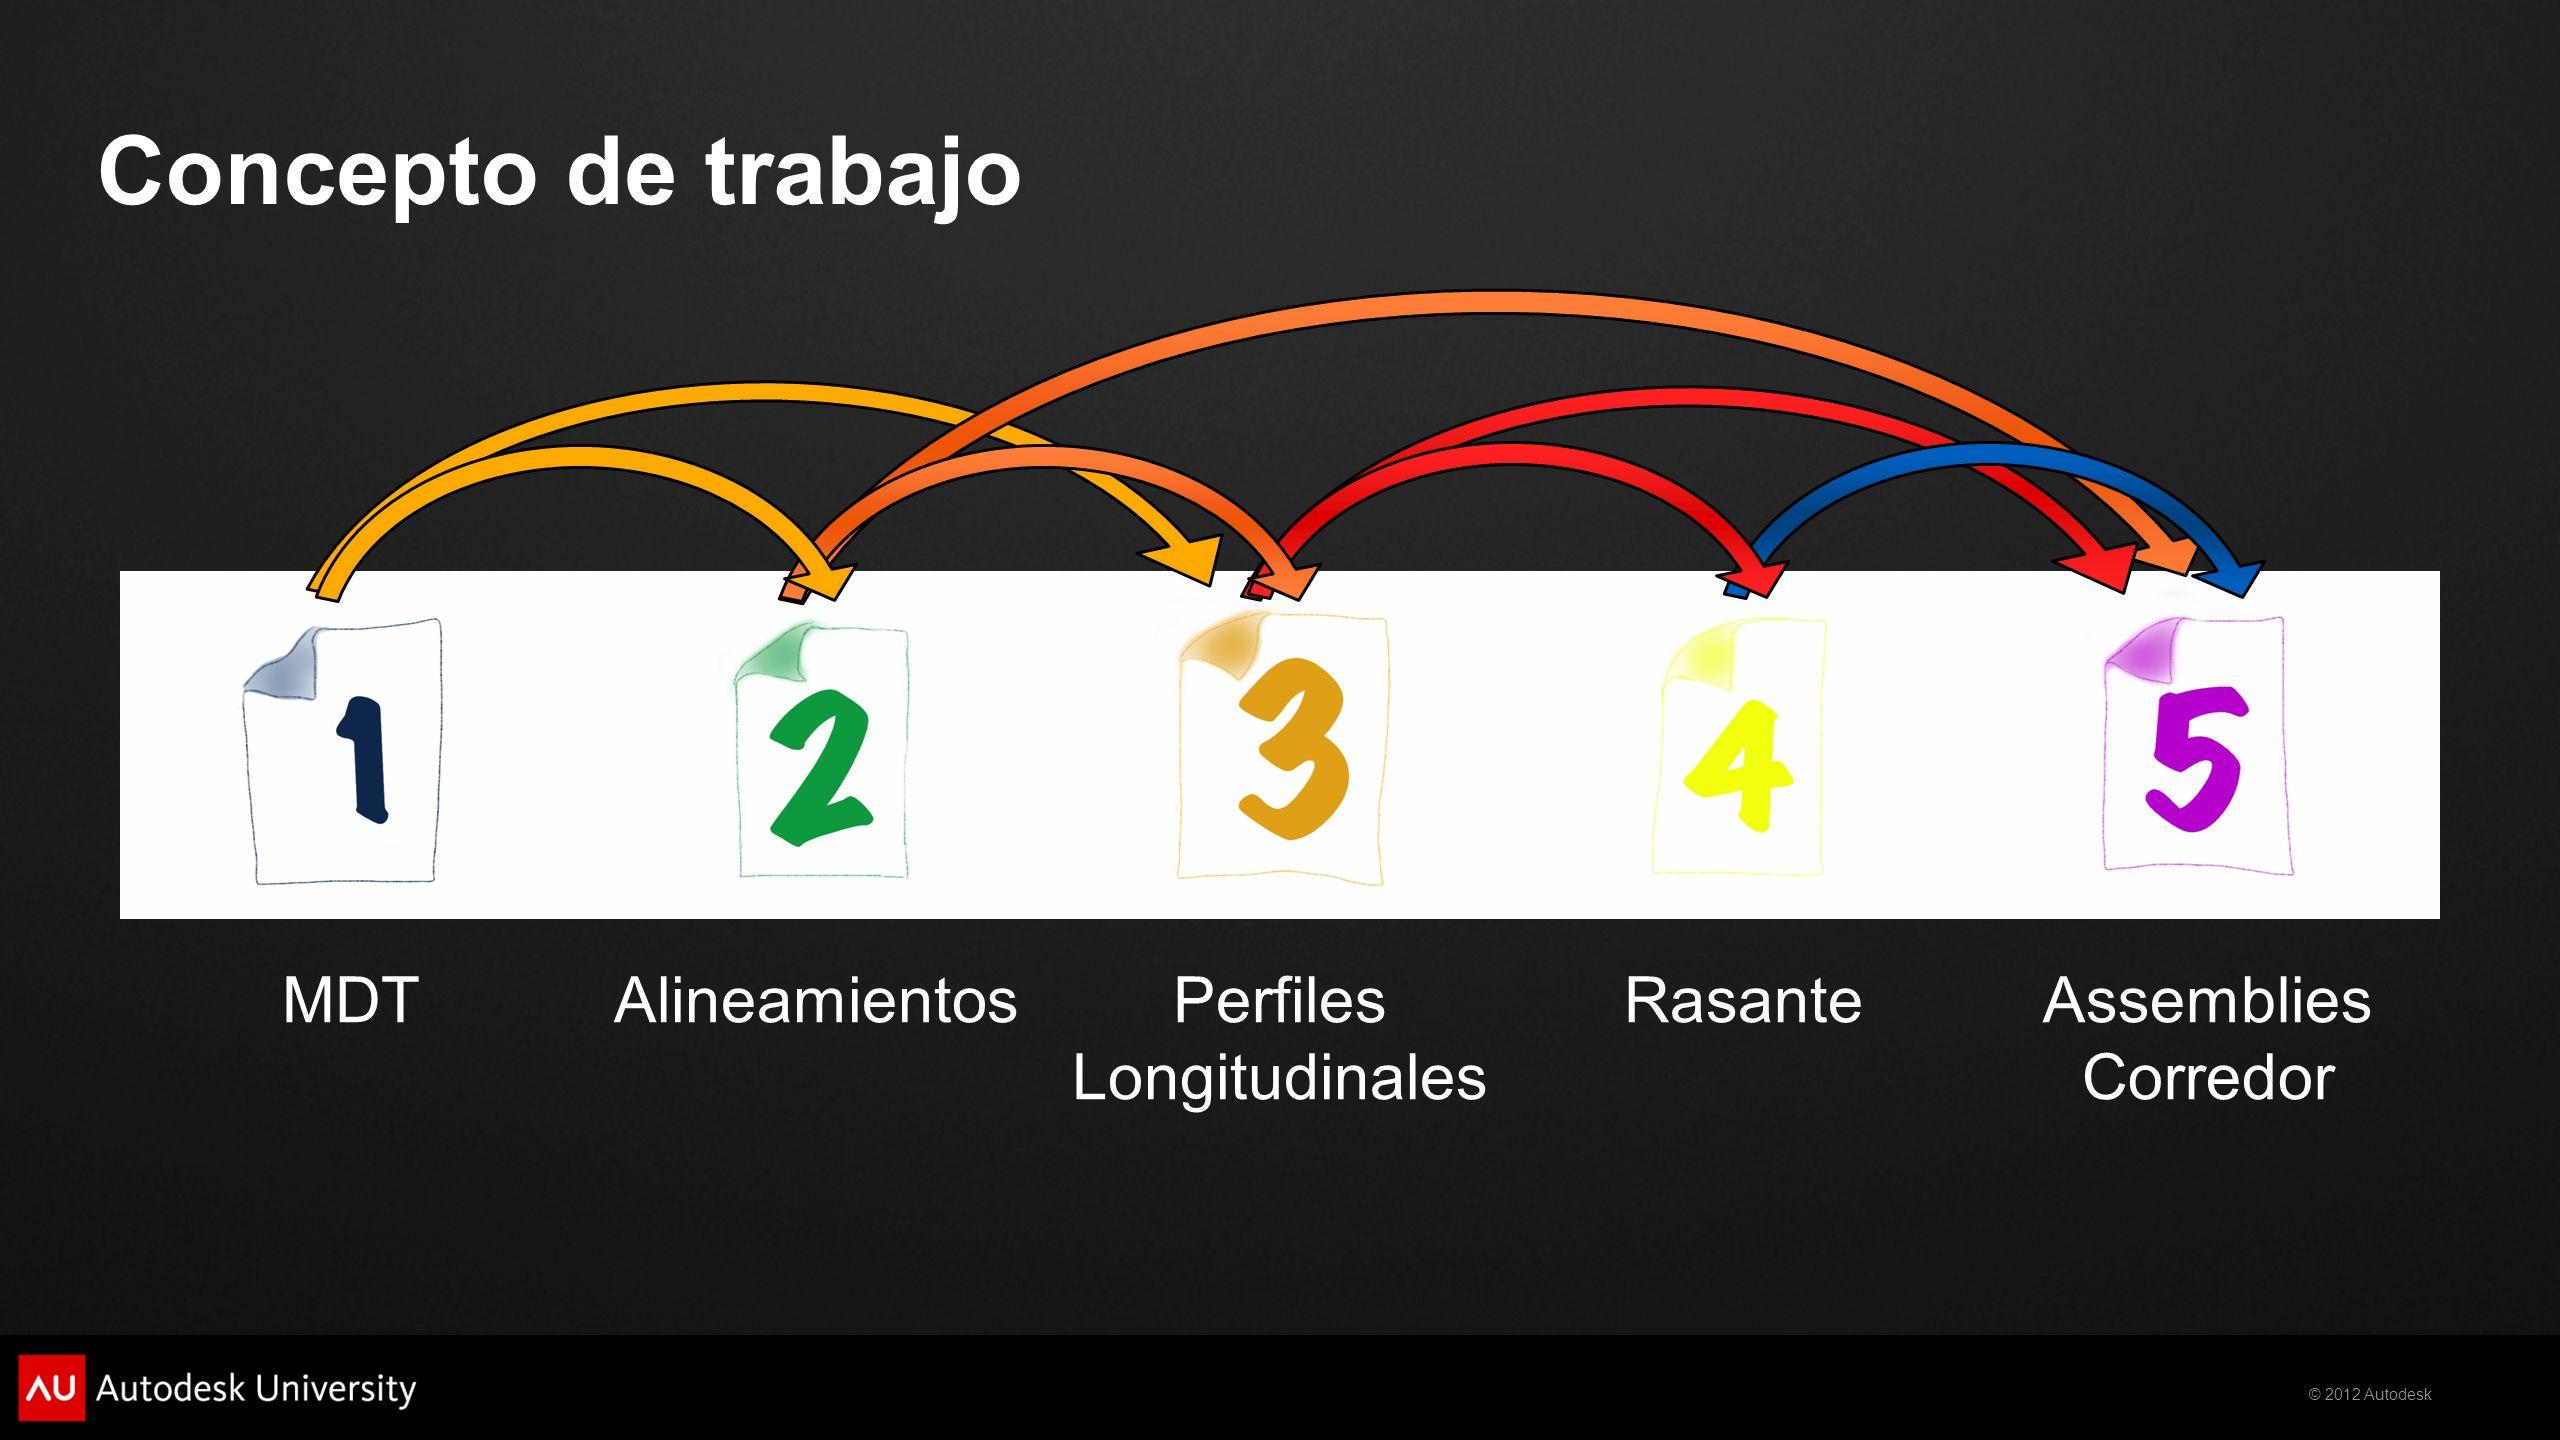 © 2012 Autodesk Concepto de trabajo MDTAlineamientosPerfiles Longitudinales RasanteAssemblies Corredor